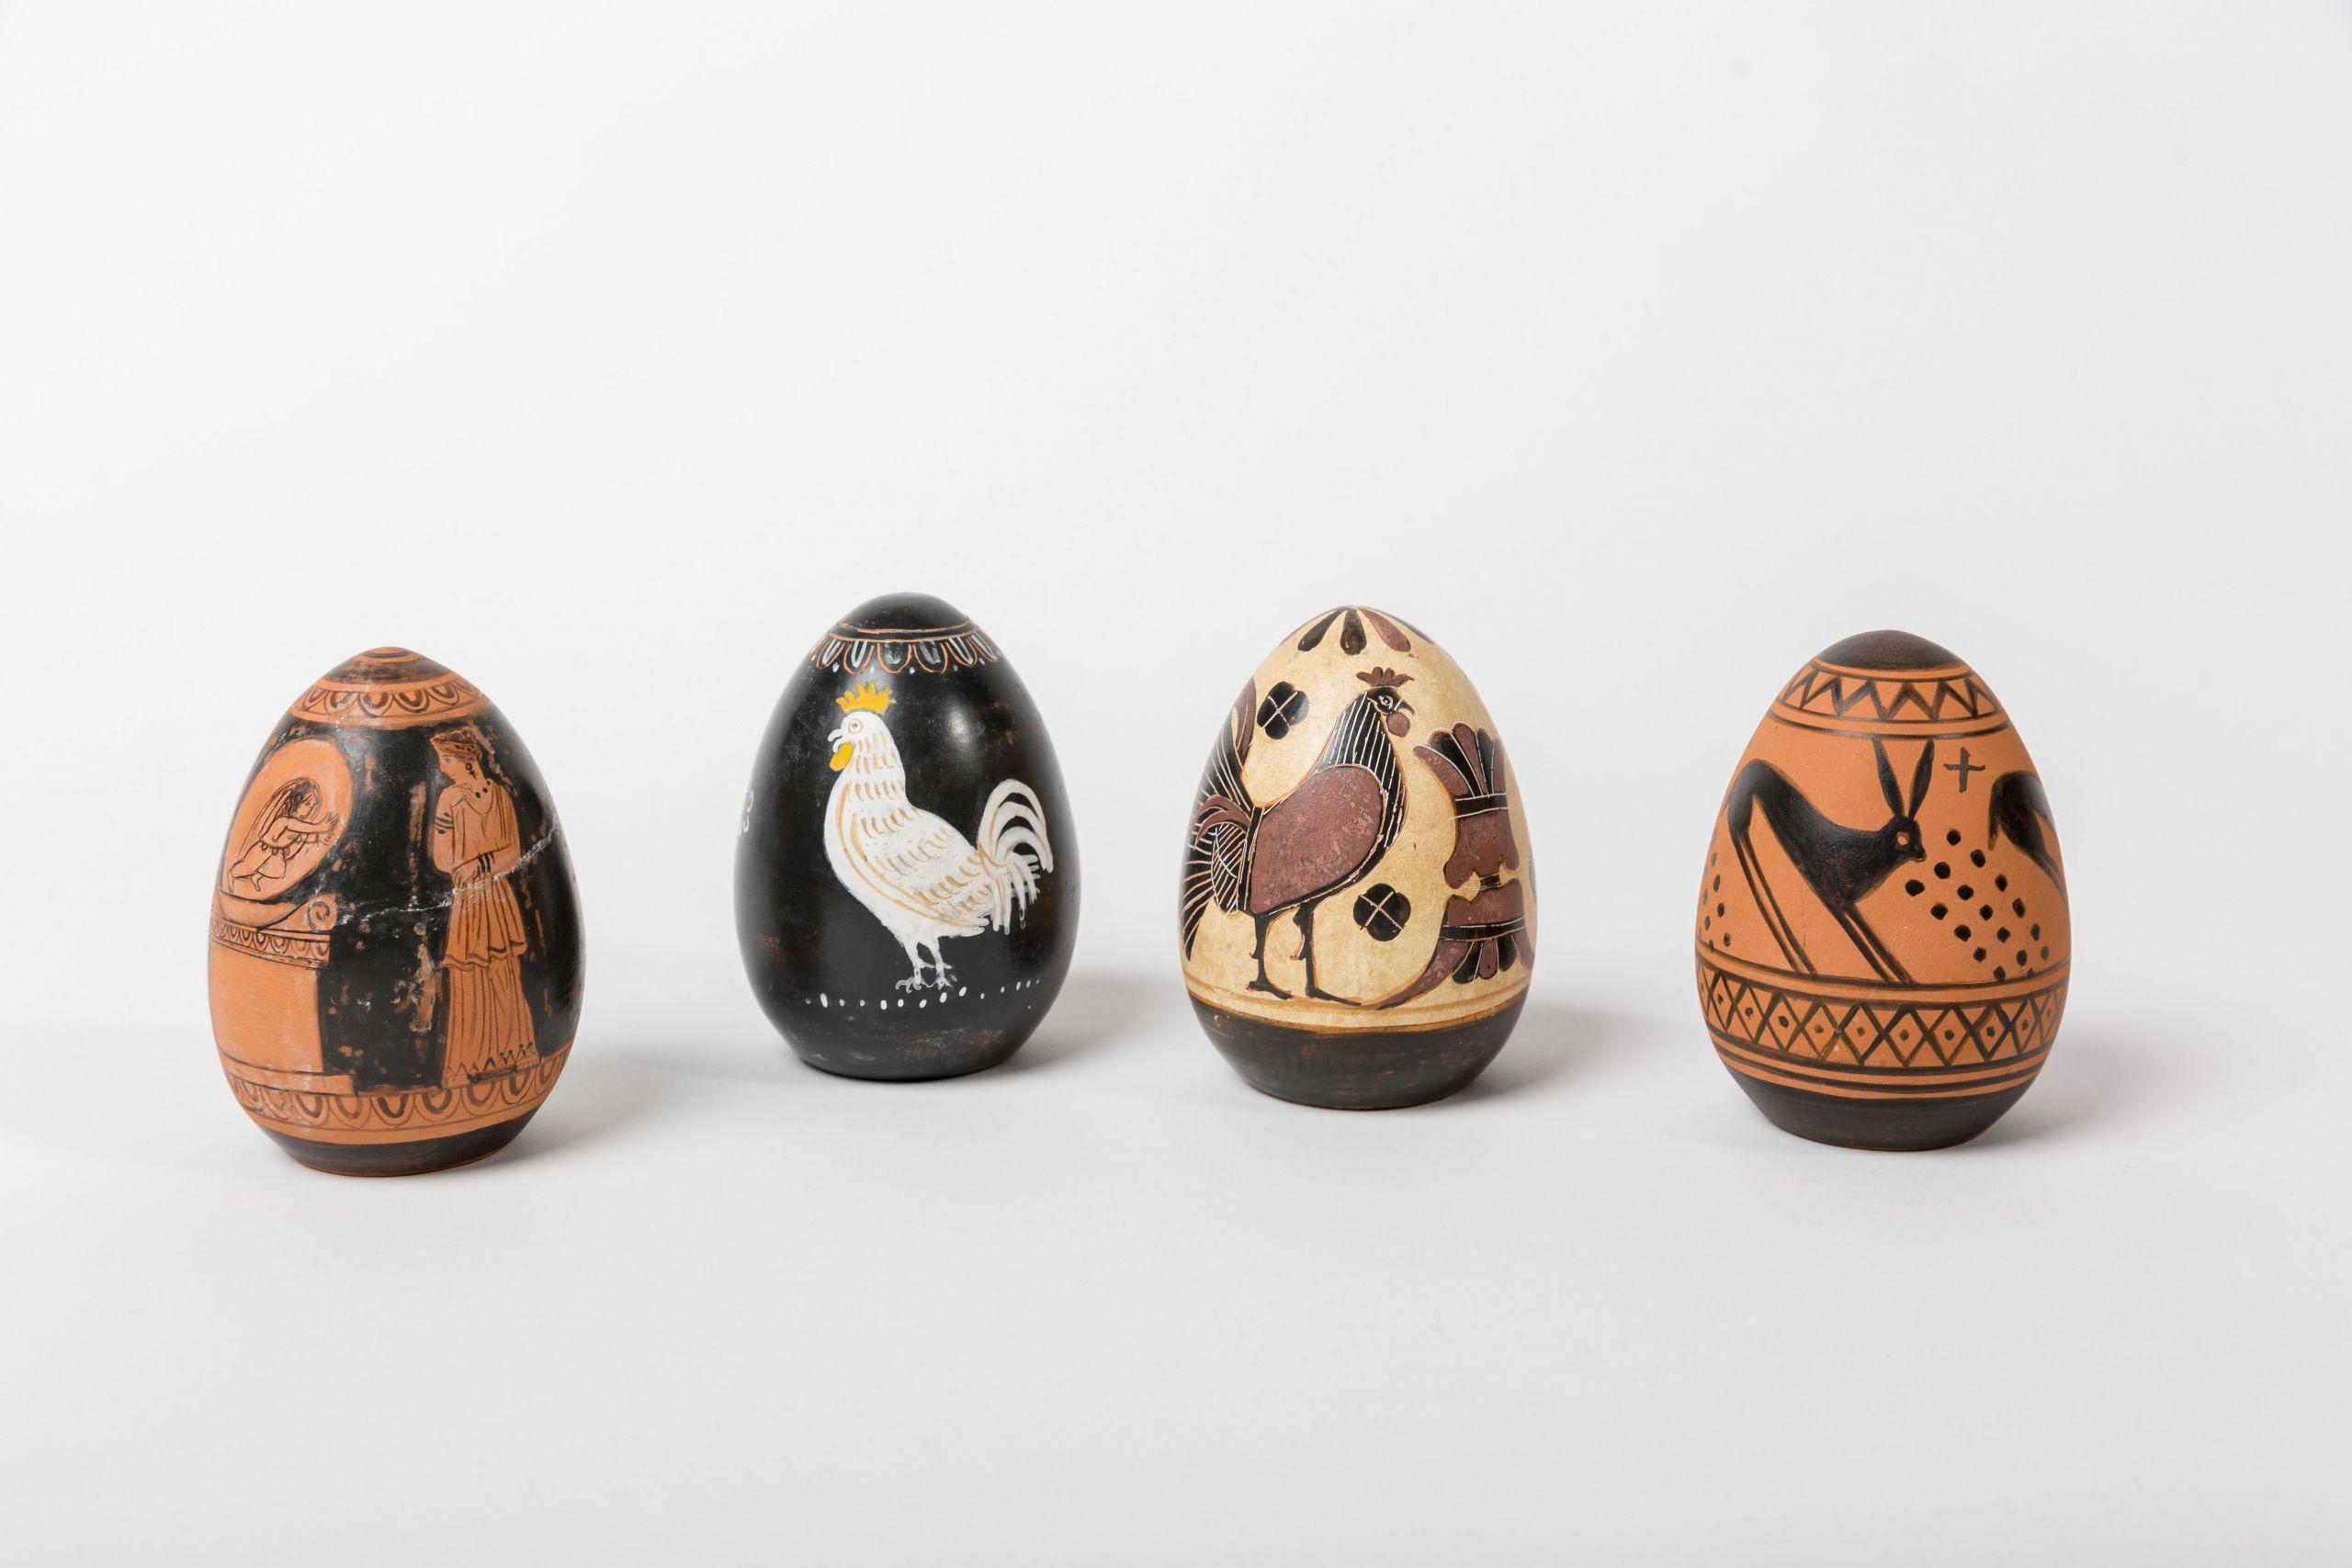 Κεραμικά αυγά με κοκόρια και σκηνές της μυθολογίας που διακοσμούν αρχαία αγγεία